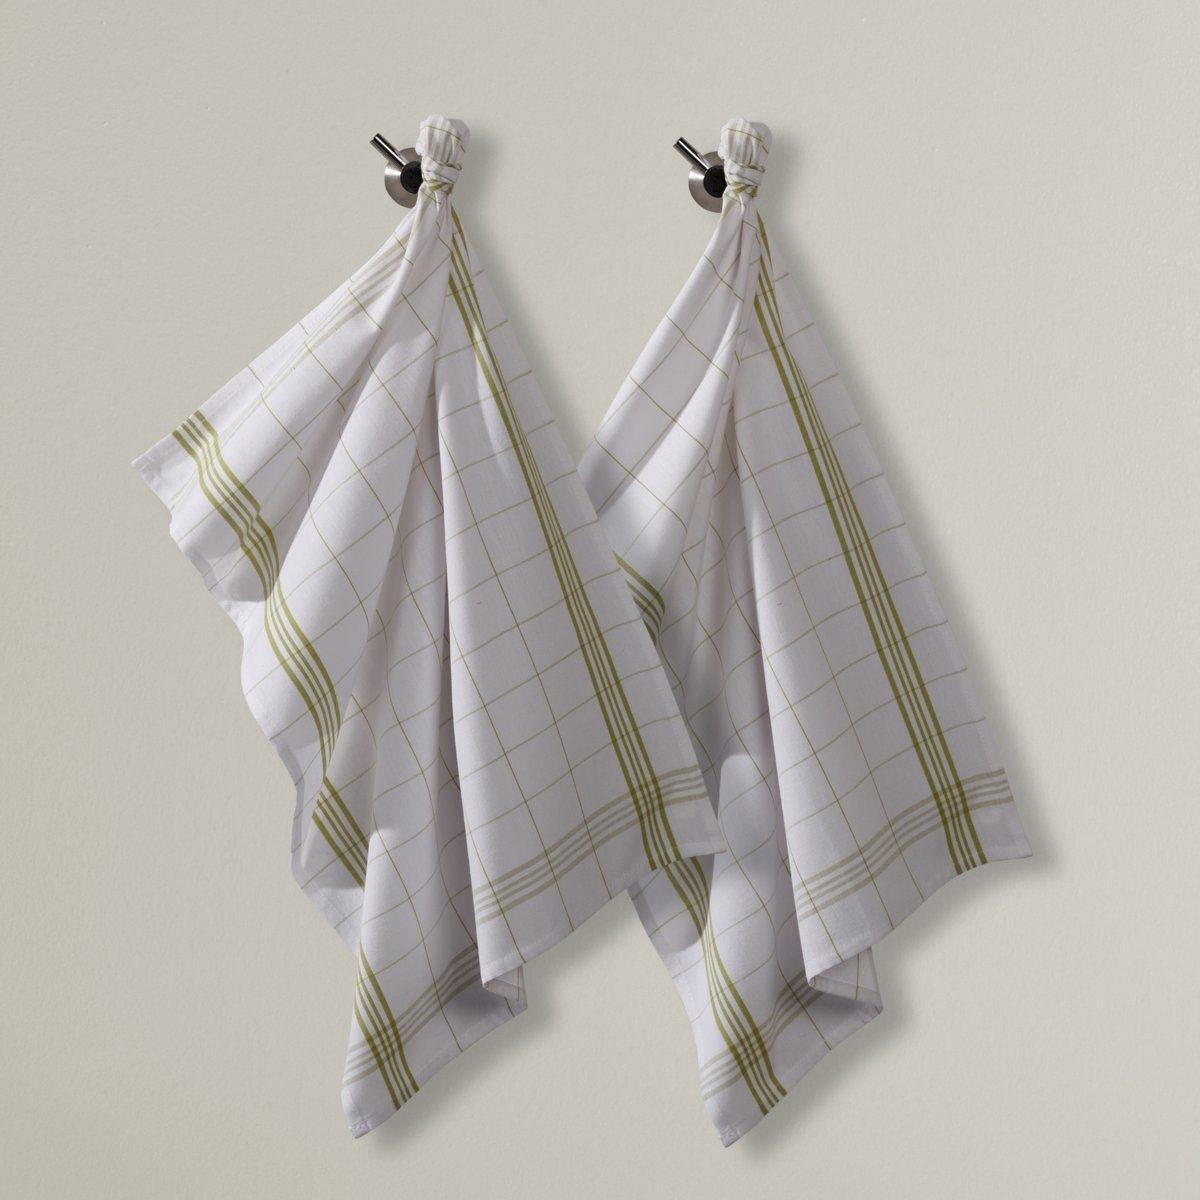 2 полотенца кухонных2 кухонных полотенца в клетку, 100% хлопка. Превосходная стойкость цвета, прочность и отличные впитывающие свойства. Стирка при 60°C. Размер: 50 х 70 см. В комплекте 2 полотенца одного цвета.<br><br>Цвет: серый